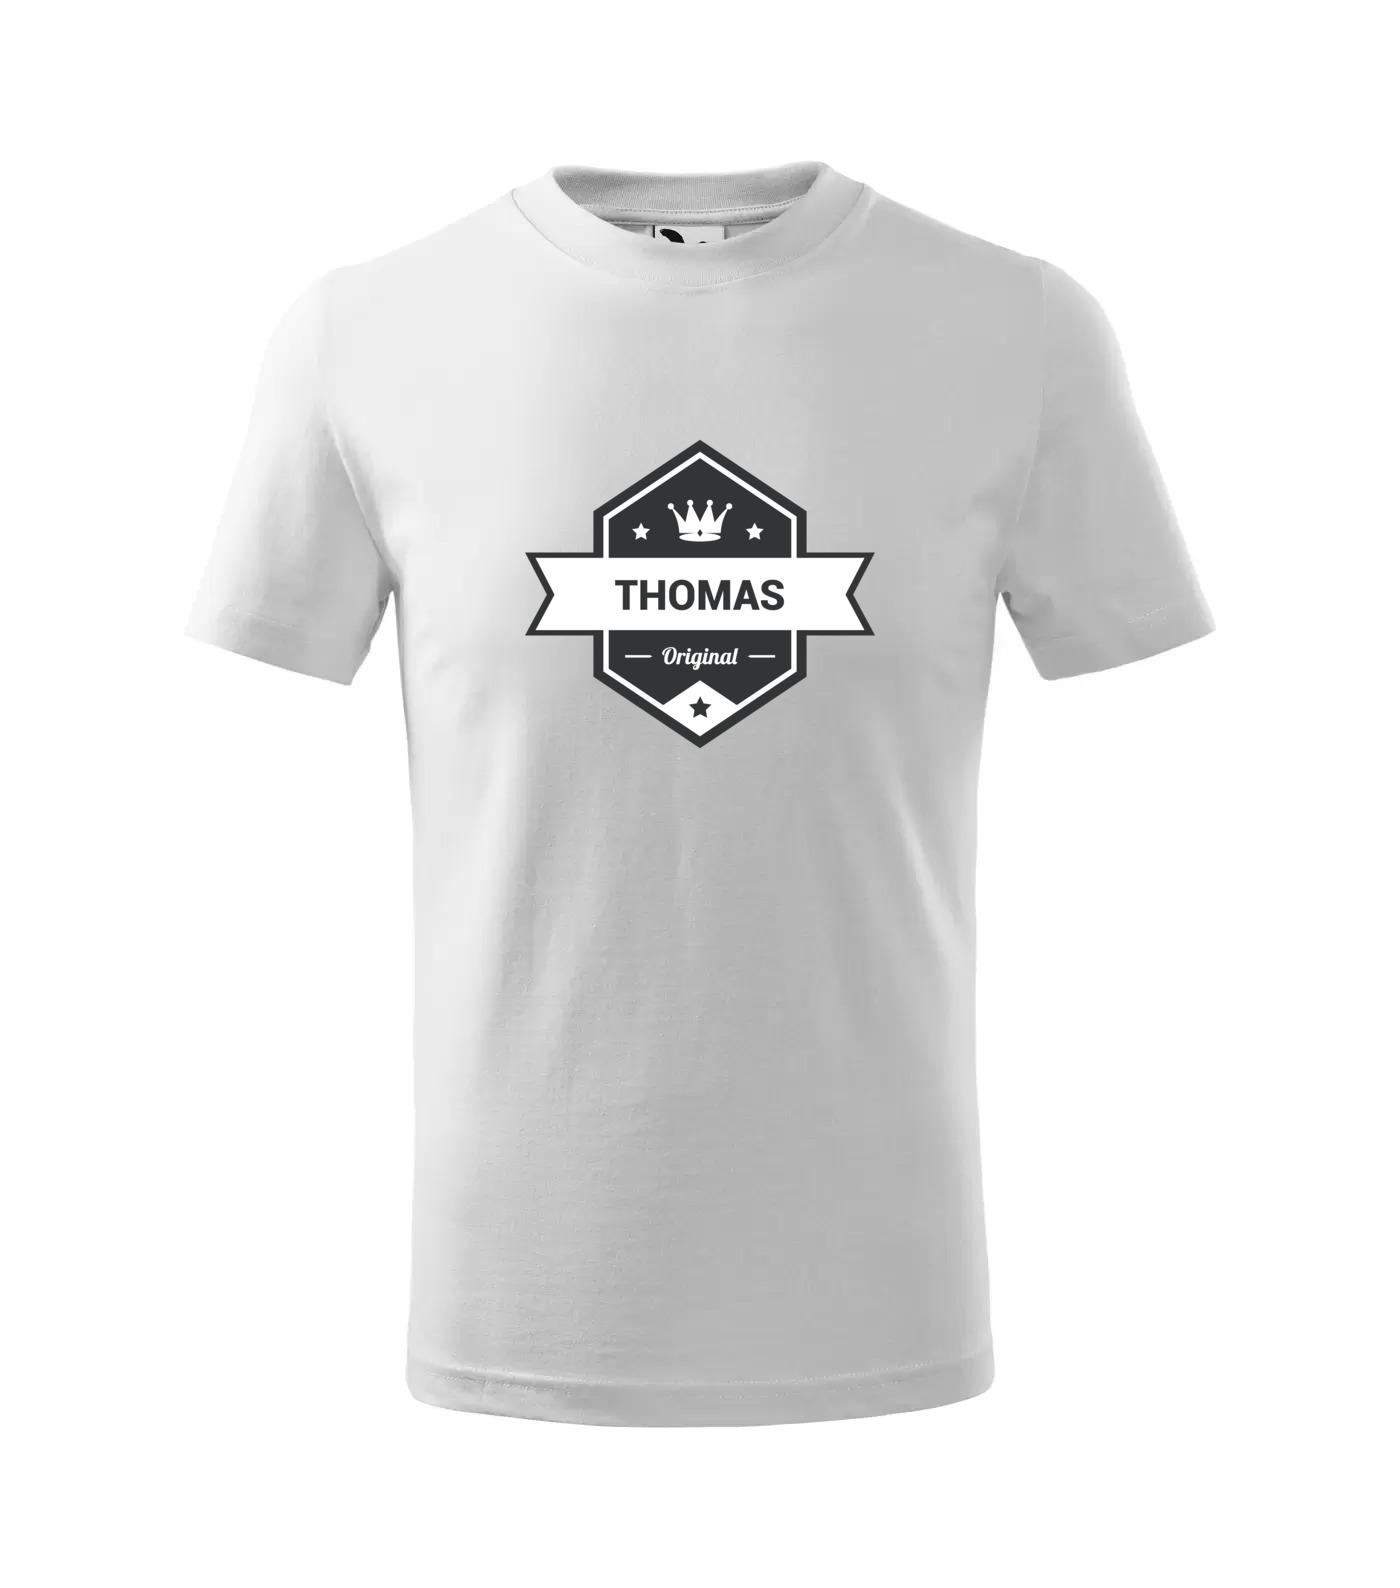 Tričko King Thomas